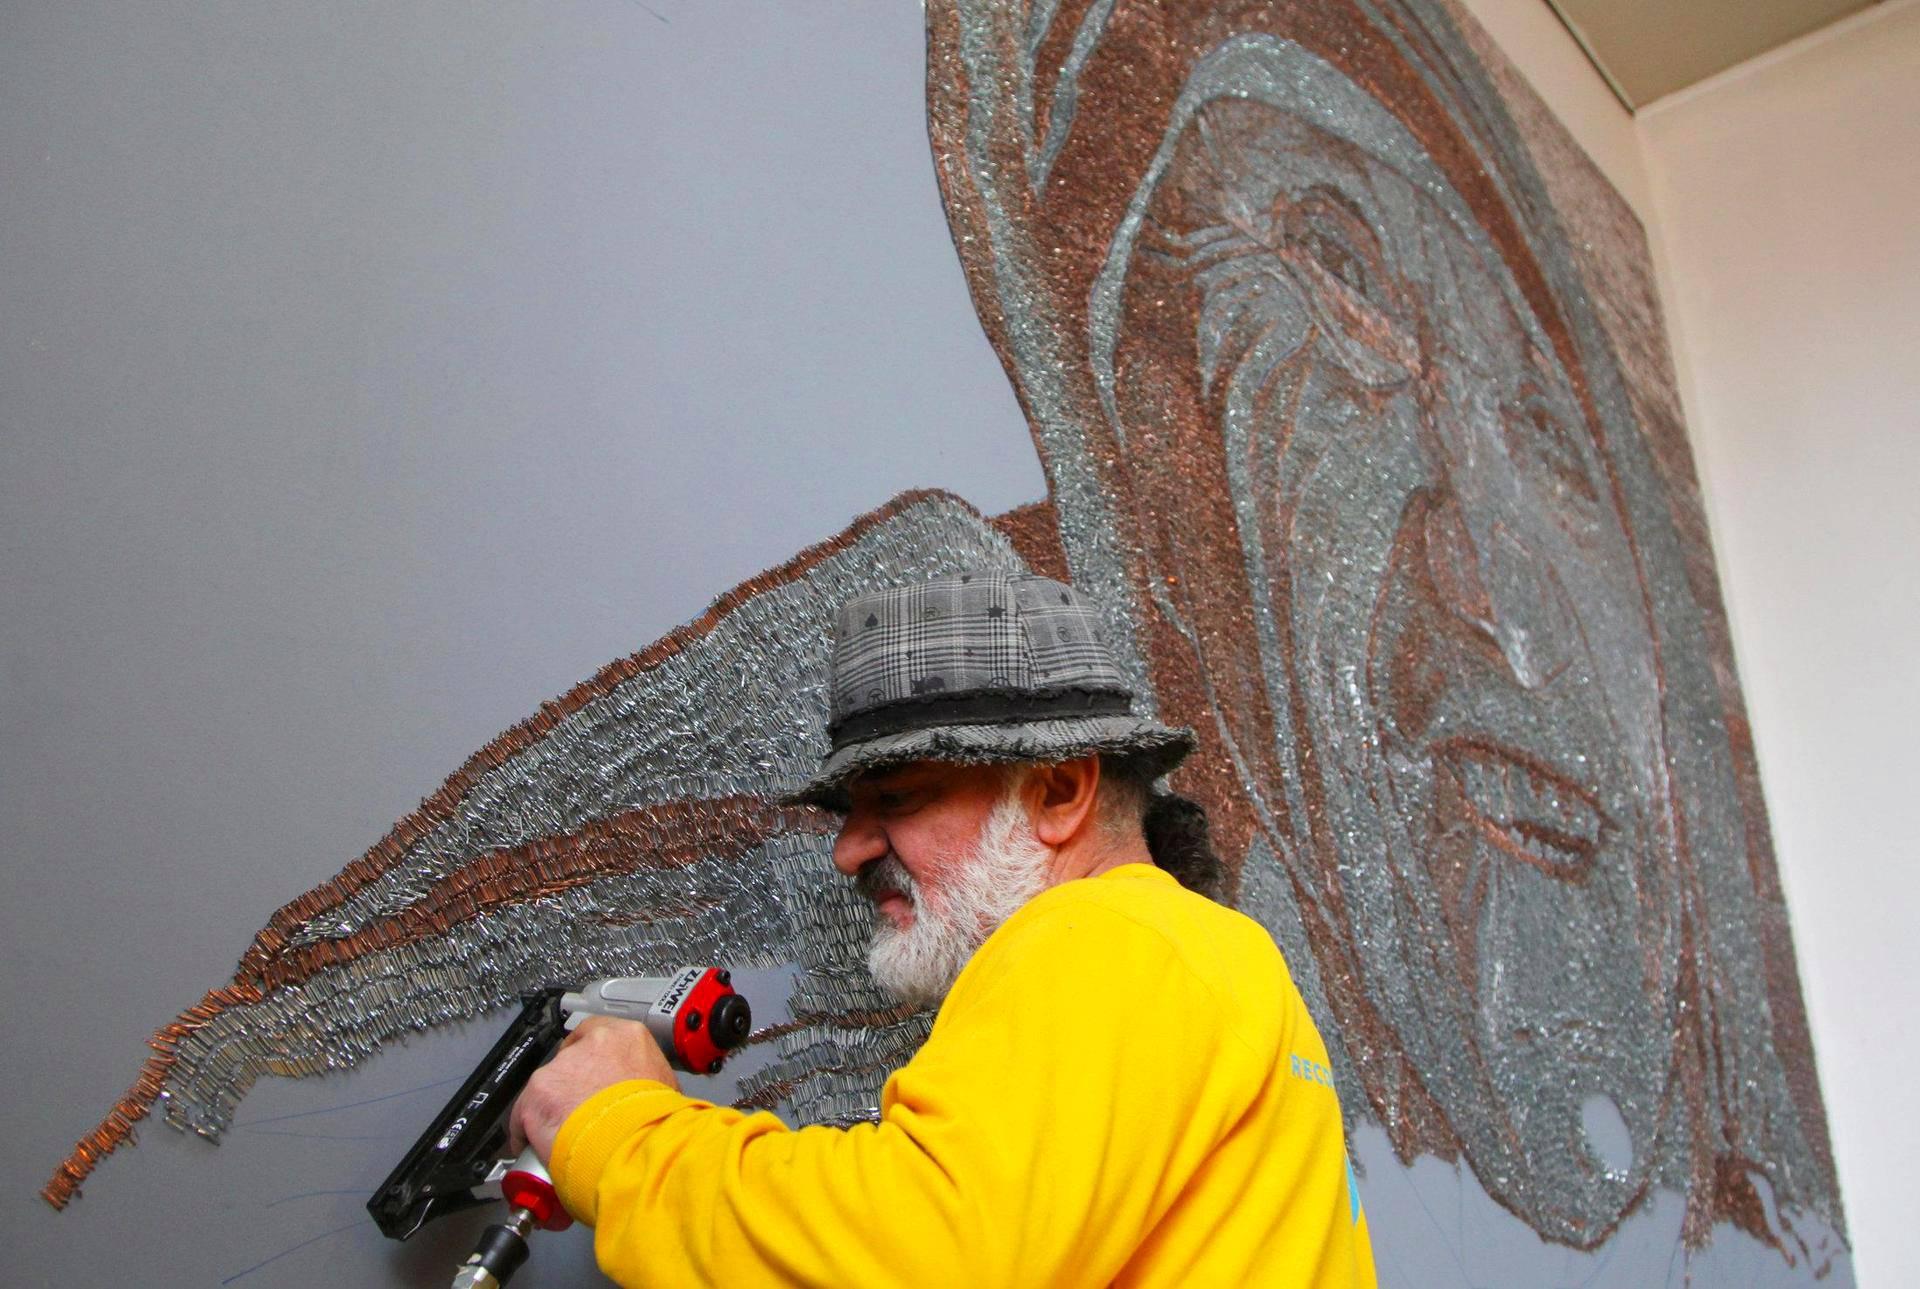 Albanialainen taiteilija Saimir Strati viimeistelee teostaan Äiti Teresasta Pristinassa. Teokseen hän käytti 1,5 miljoonaa kirkasta ja kuparinväristä niittiä.